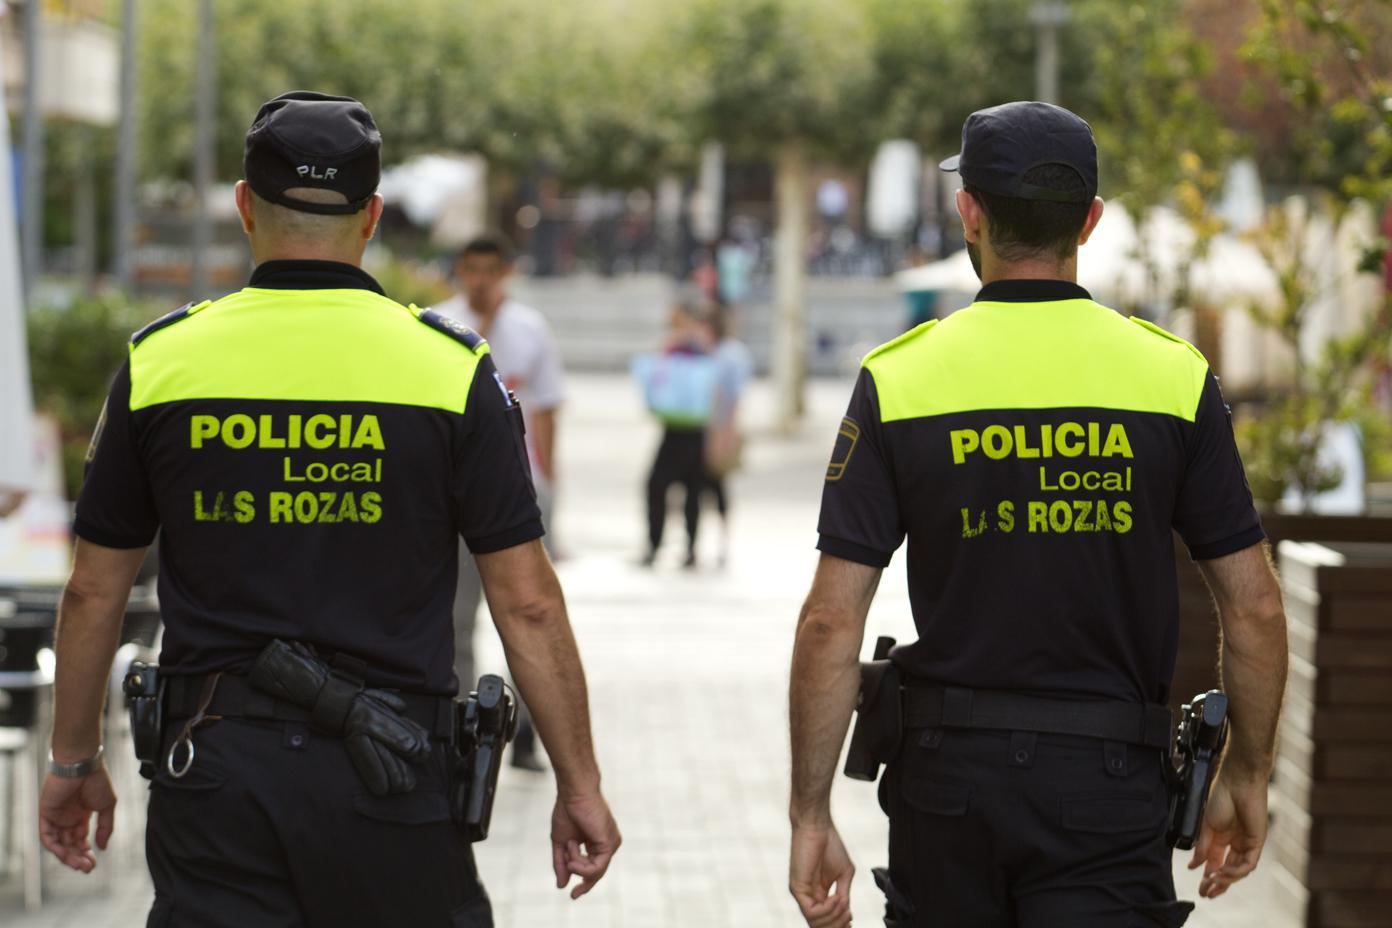 La Policía Local de Las Rozas recogerá las llaves de viviendas y negocios de los vecinos que lo deseen durante las vacaciones